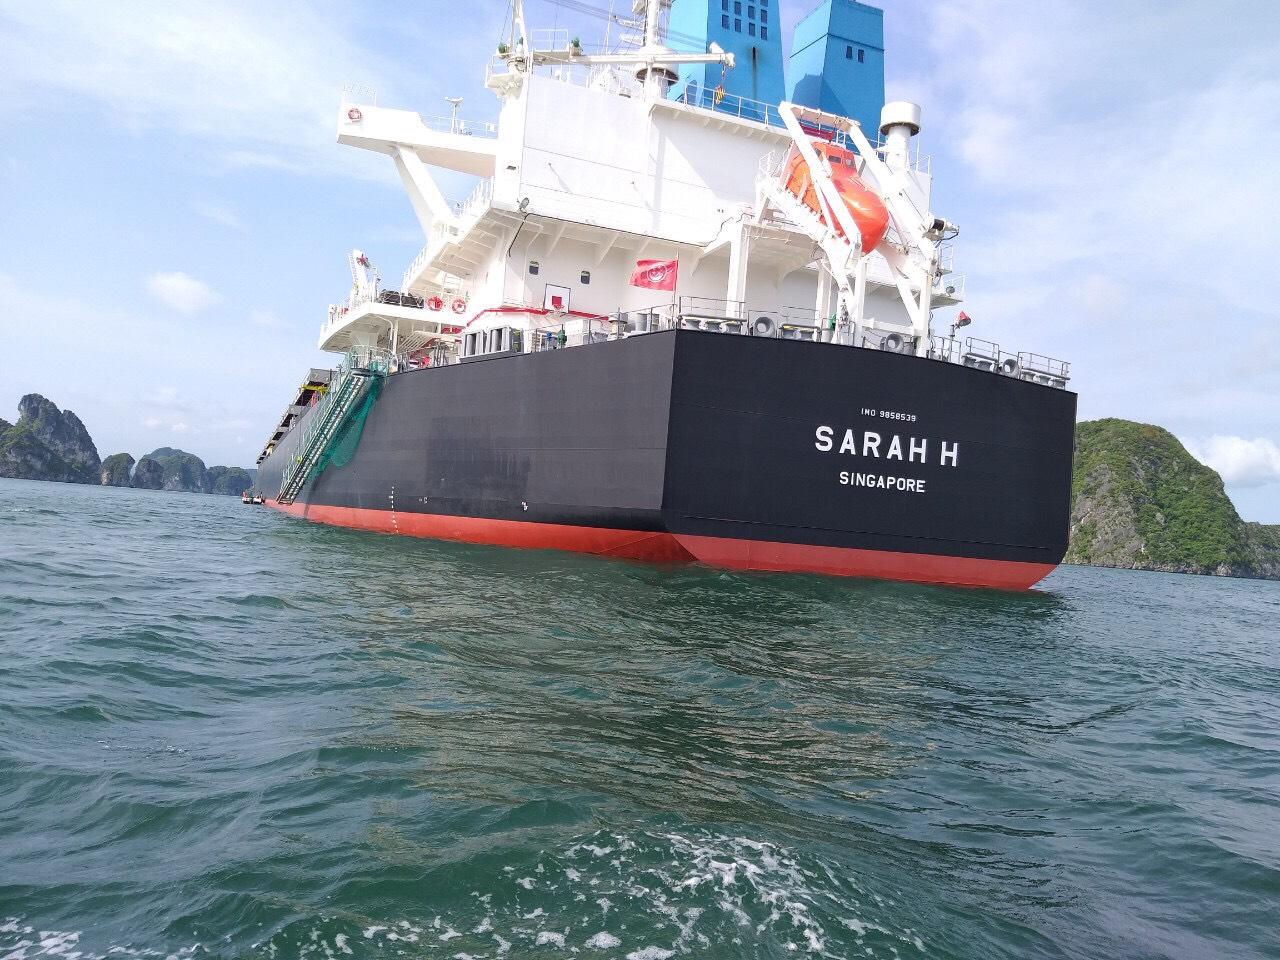 Tổng Hợp Tầu Nông Sản cảng Cái Lân Tháng 09.2020